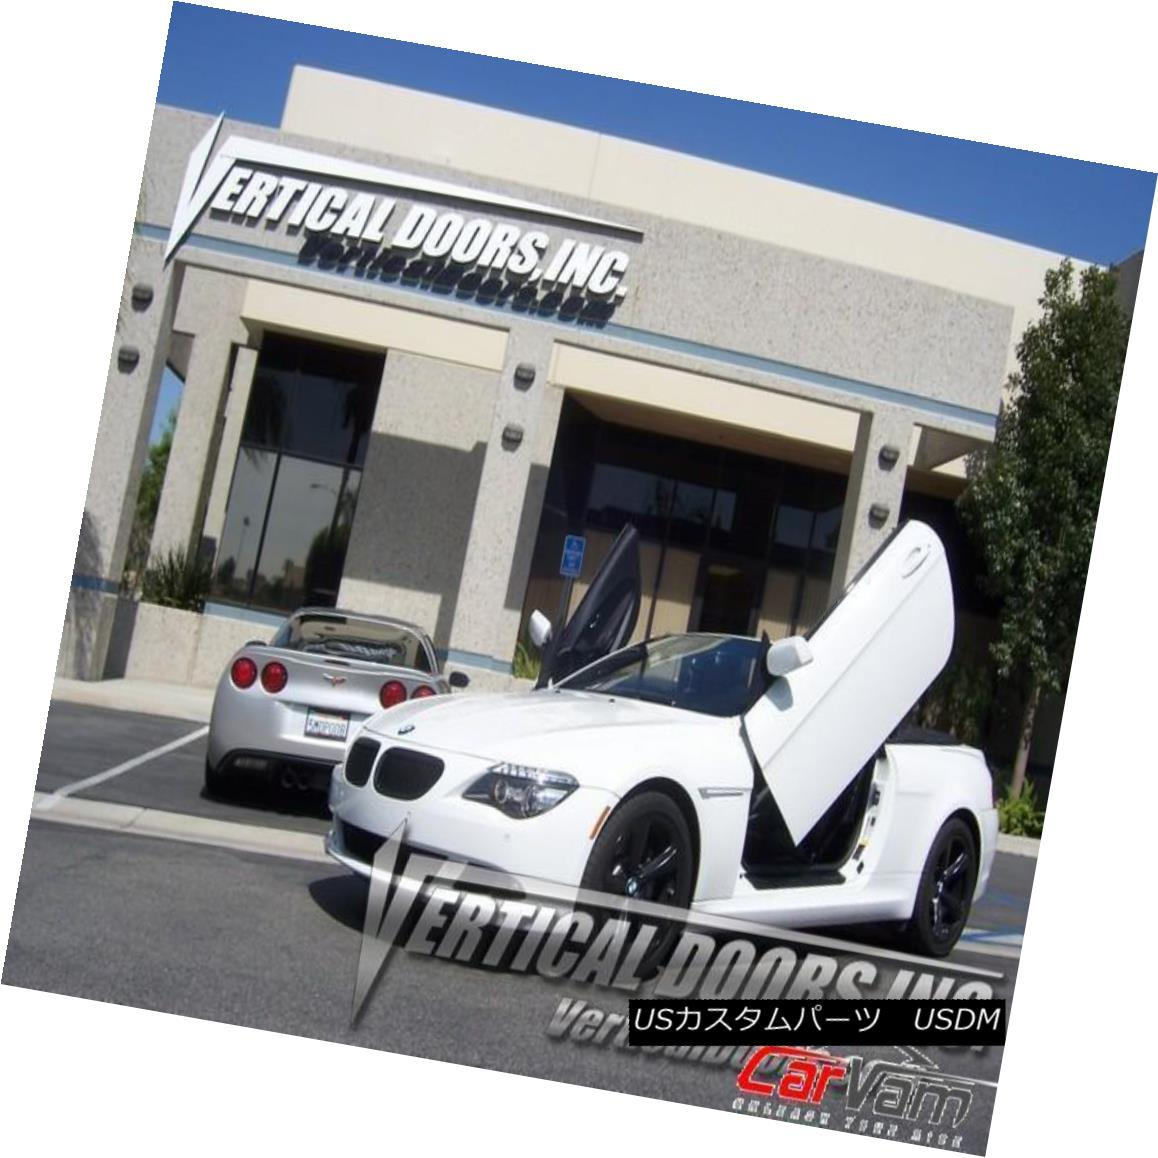 ガルウィングキット Vertical Doors - Vertical Lambo Door Kit For BMW 6 Series 2003-10 -VDCBMW60309 垂直ドア - BMW 6シリーズ用垂直型ランボルギーニドアキット2003-10 -VDCBMW60309